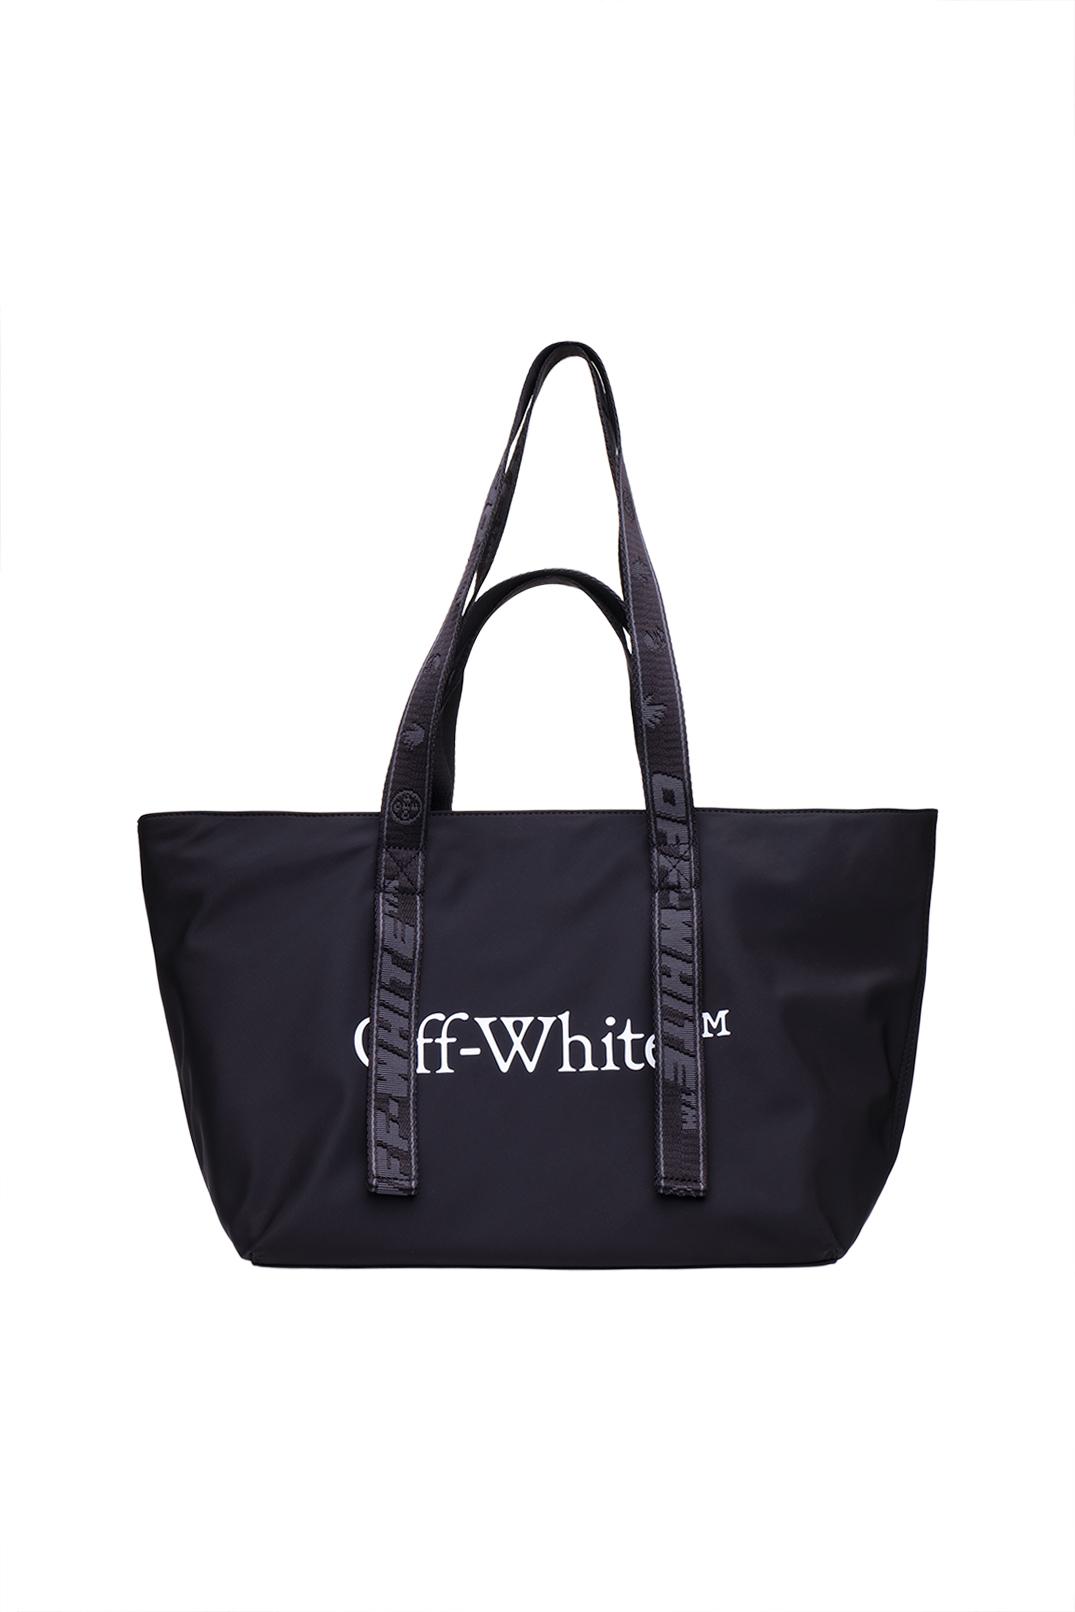 Сумка-тоут с логотипом OFF-WHITE OWap11037